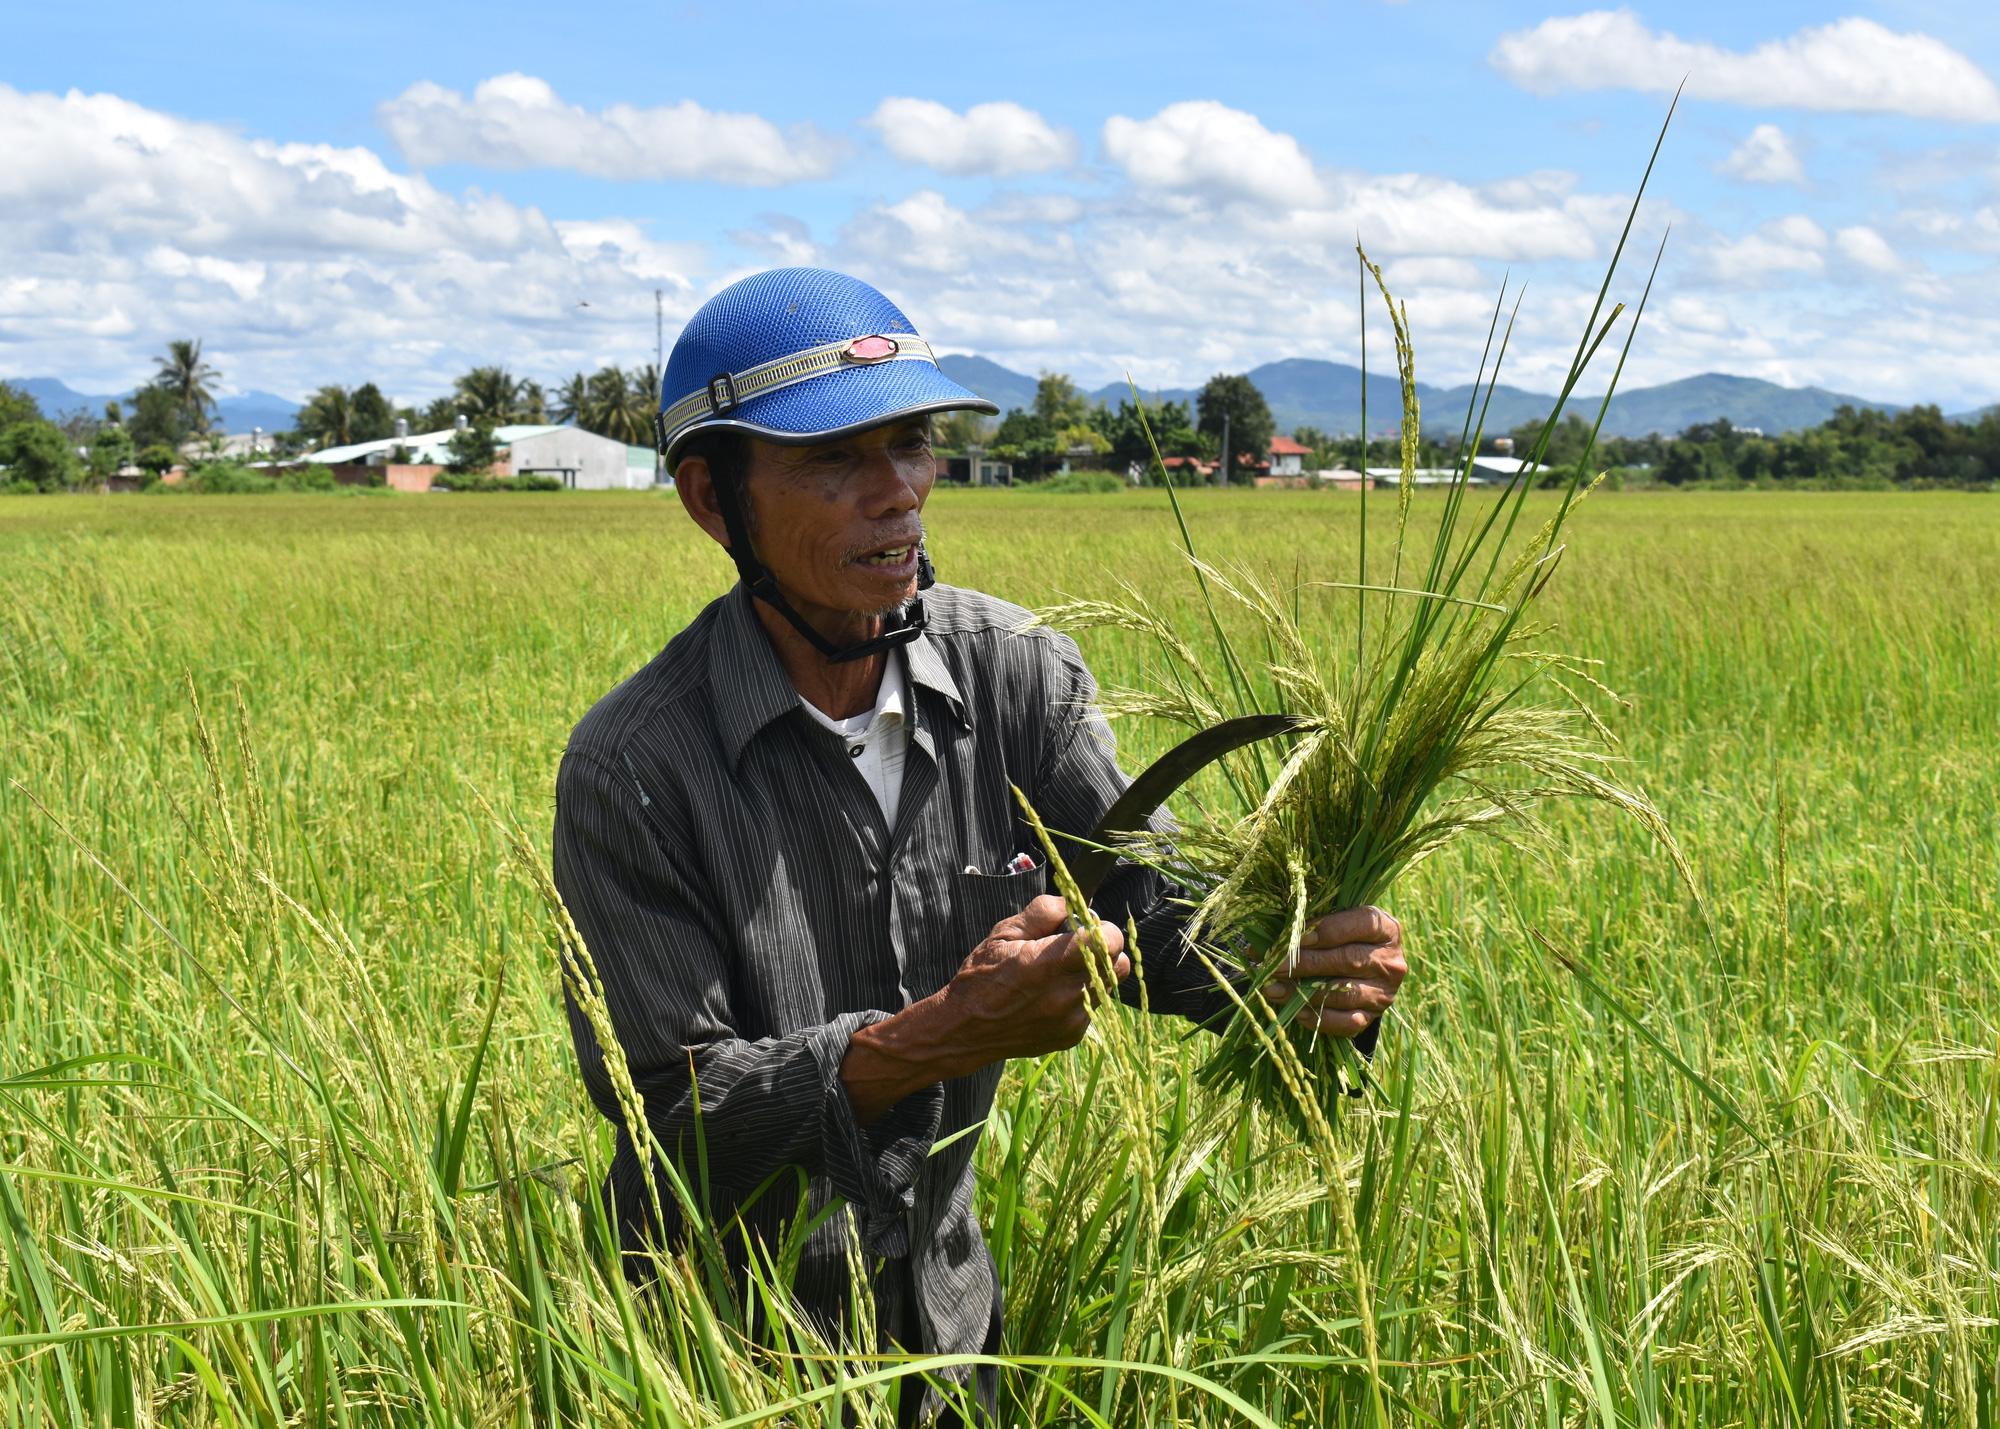 Kon Tum: Ở nơi này, nông dân thành phố khốn đốn với thứ lúa ma, có ruộng lúa phải cắt về cho bò ăn chơi - Ảnh 2.